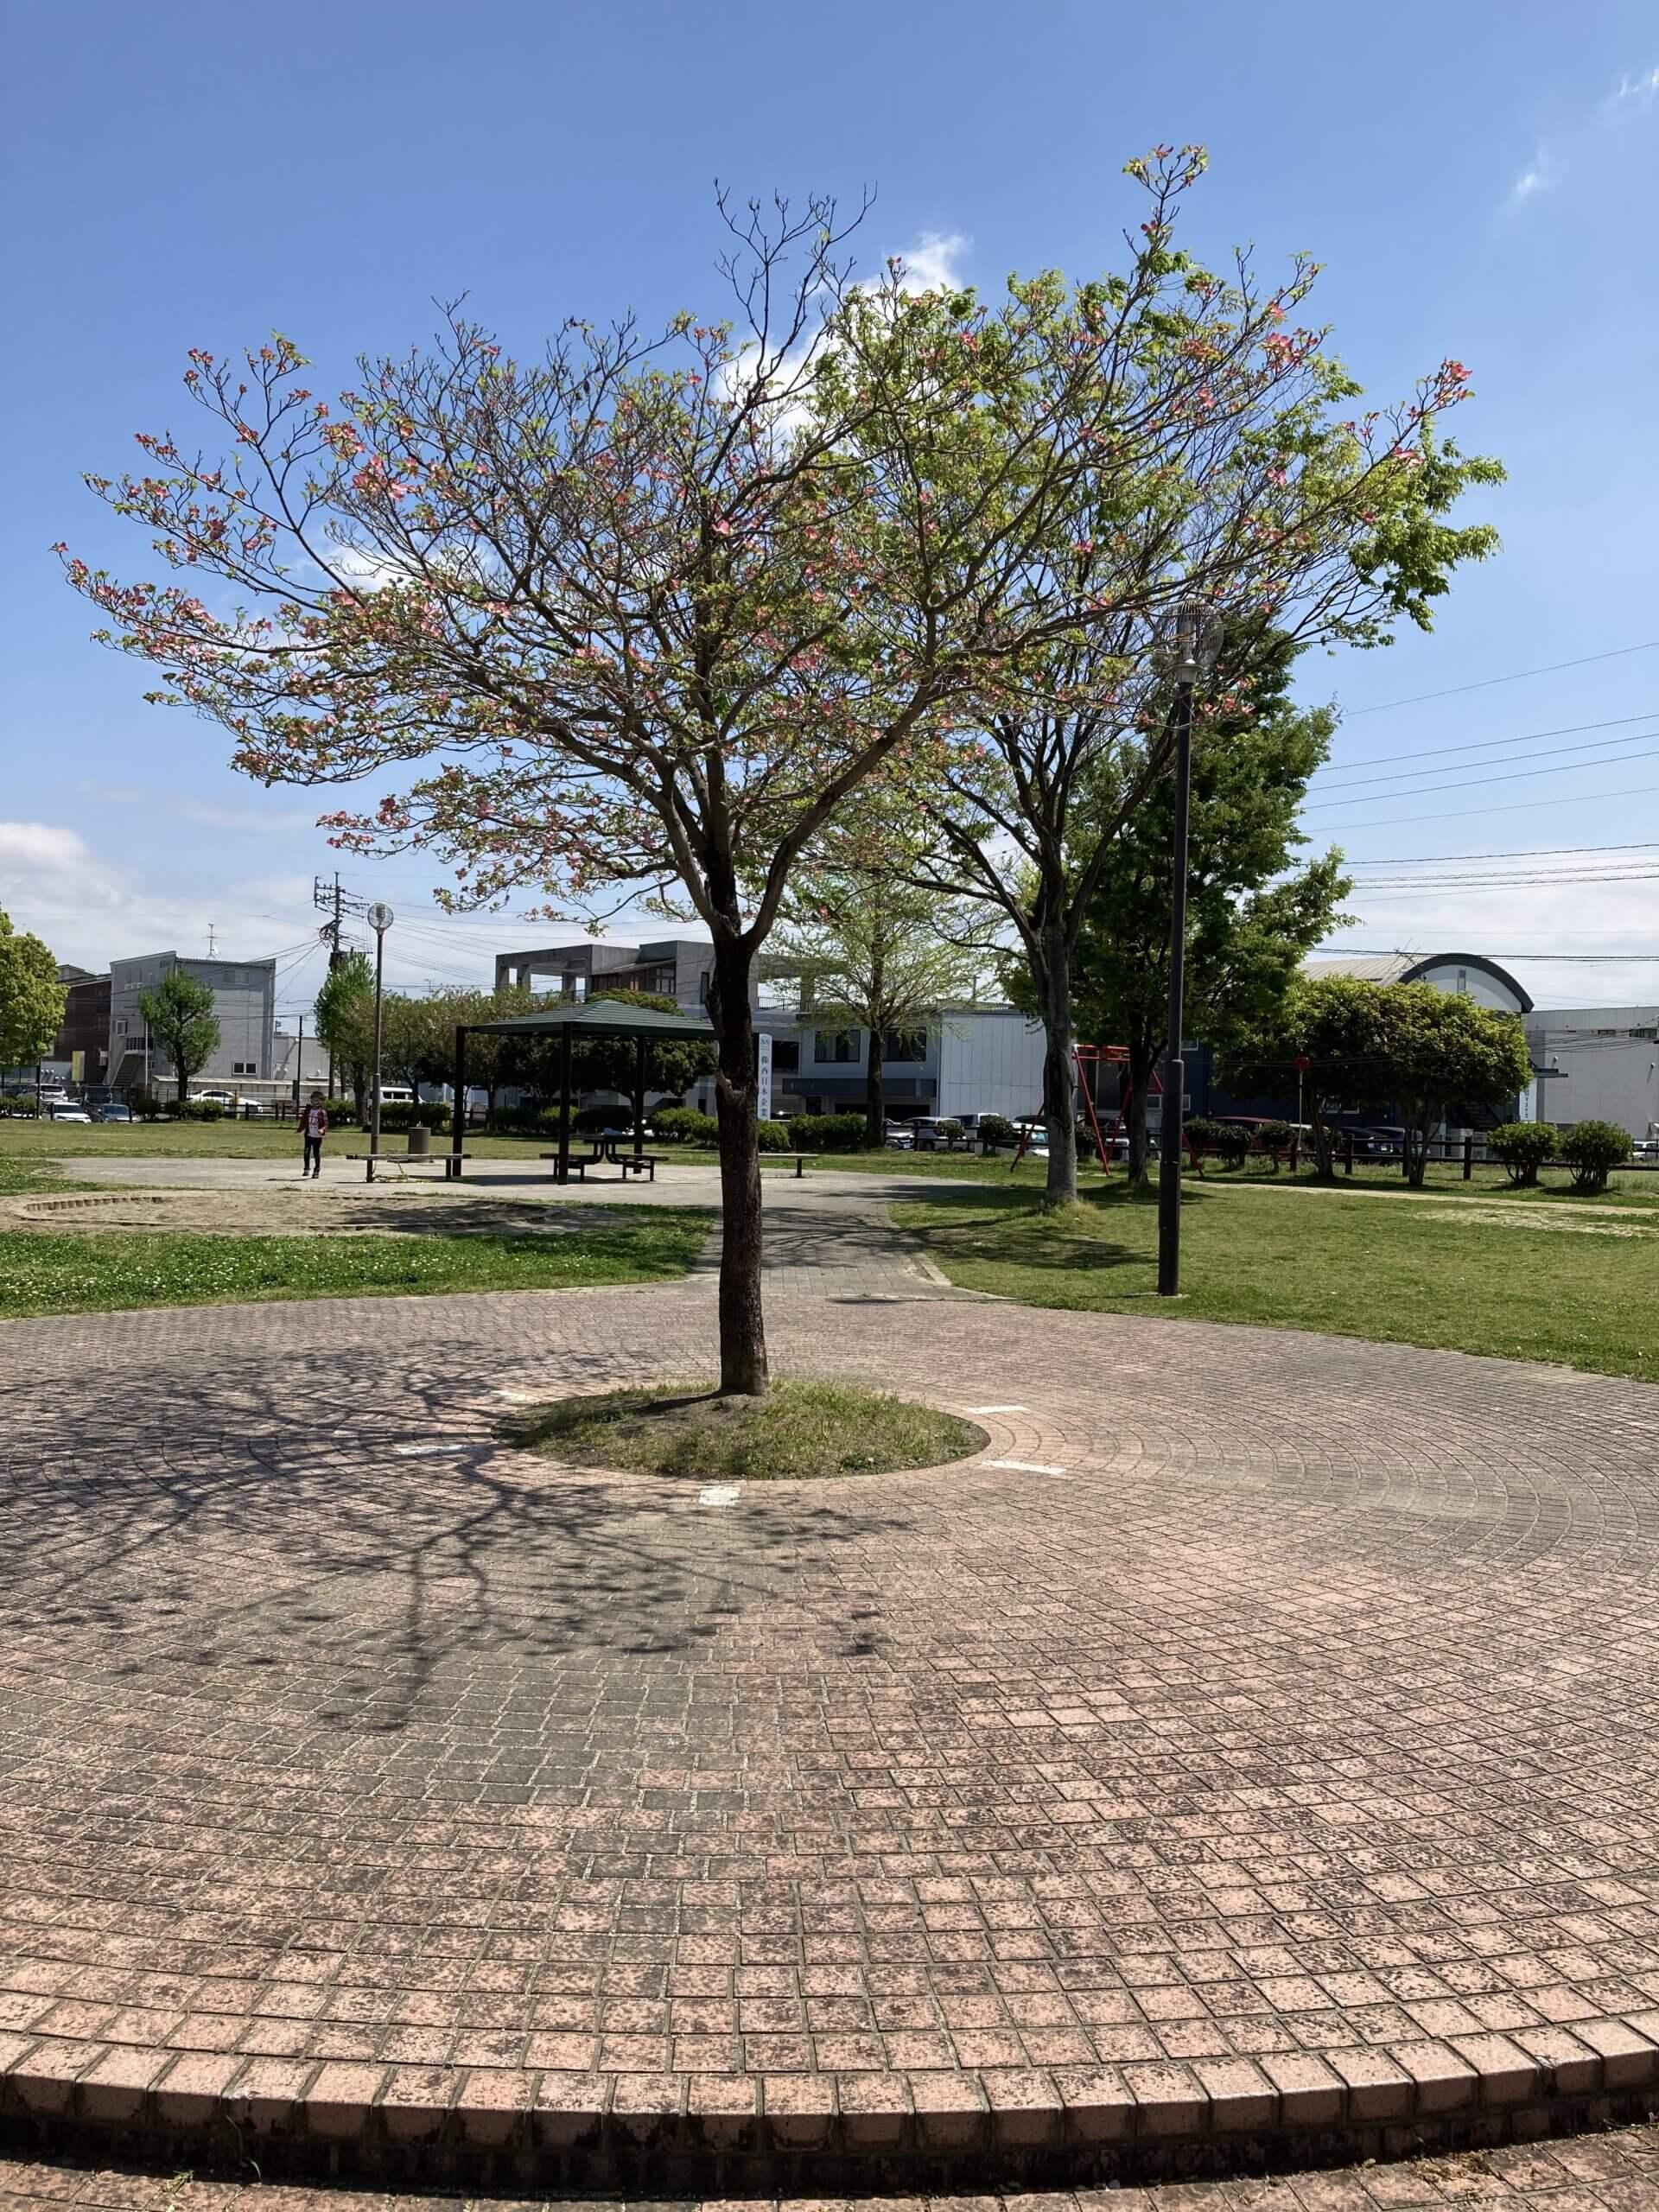 【江越二丁目公園】みんな大好き!ターザンロープのある公園!《熊本市南区江越》